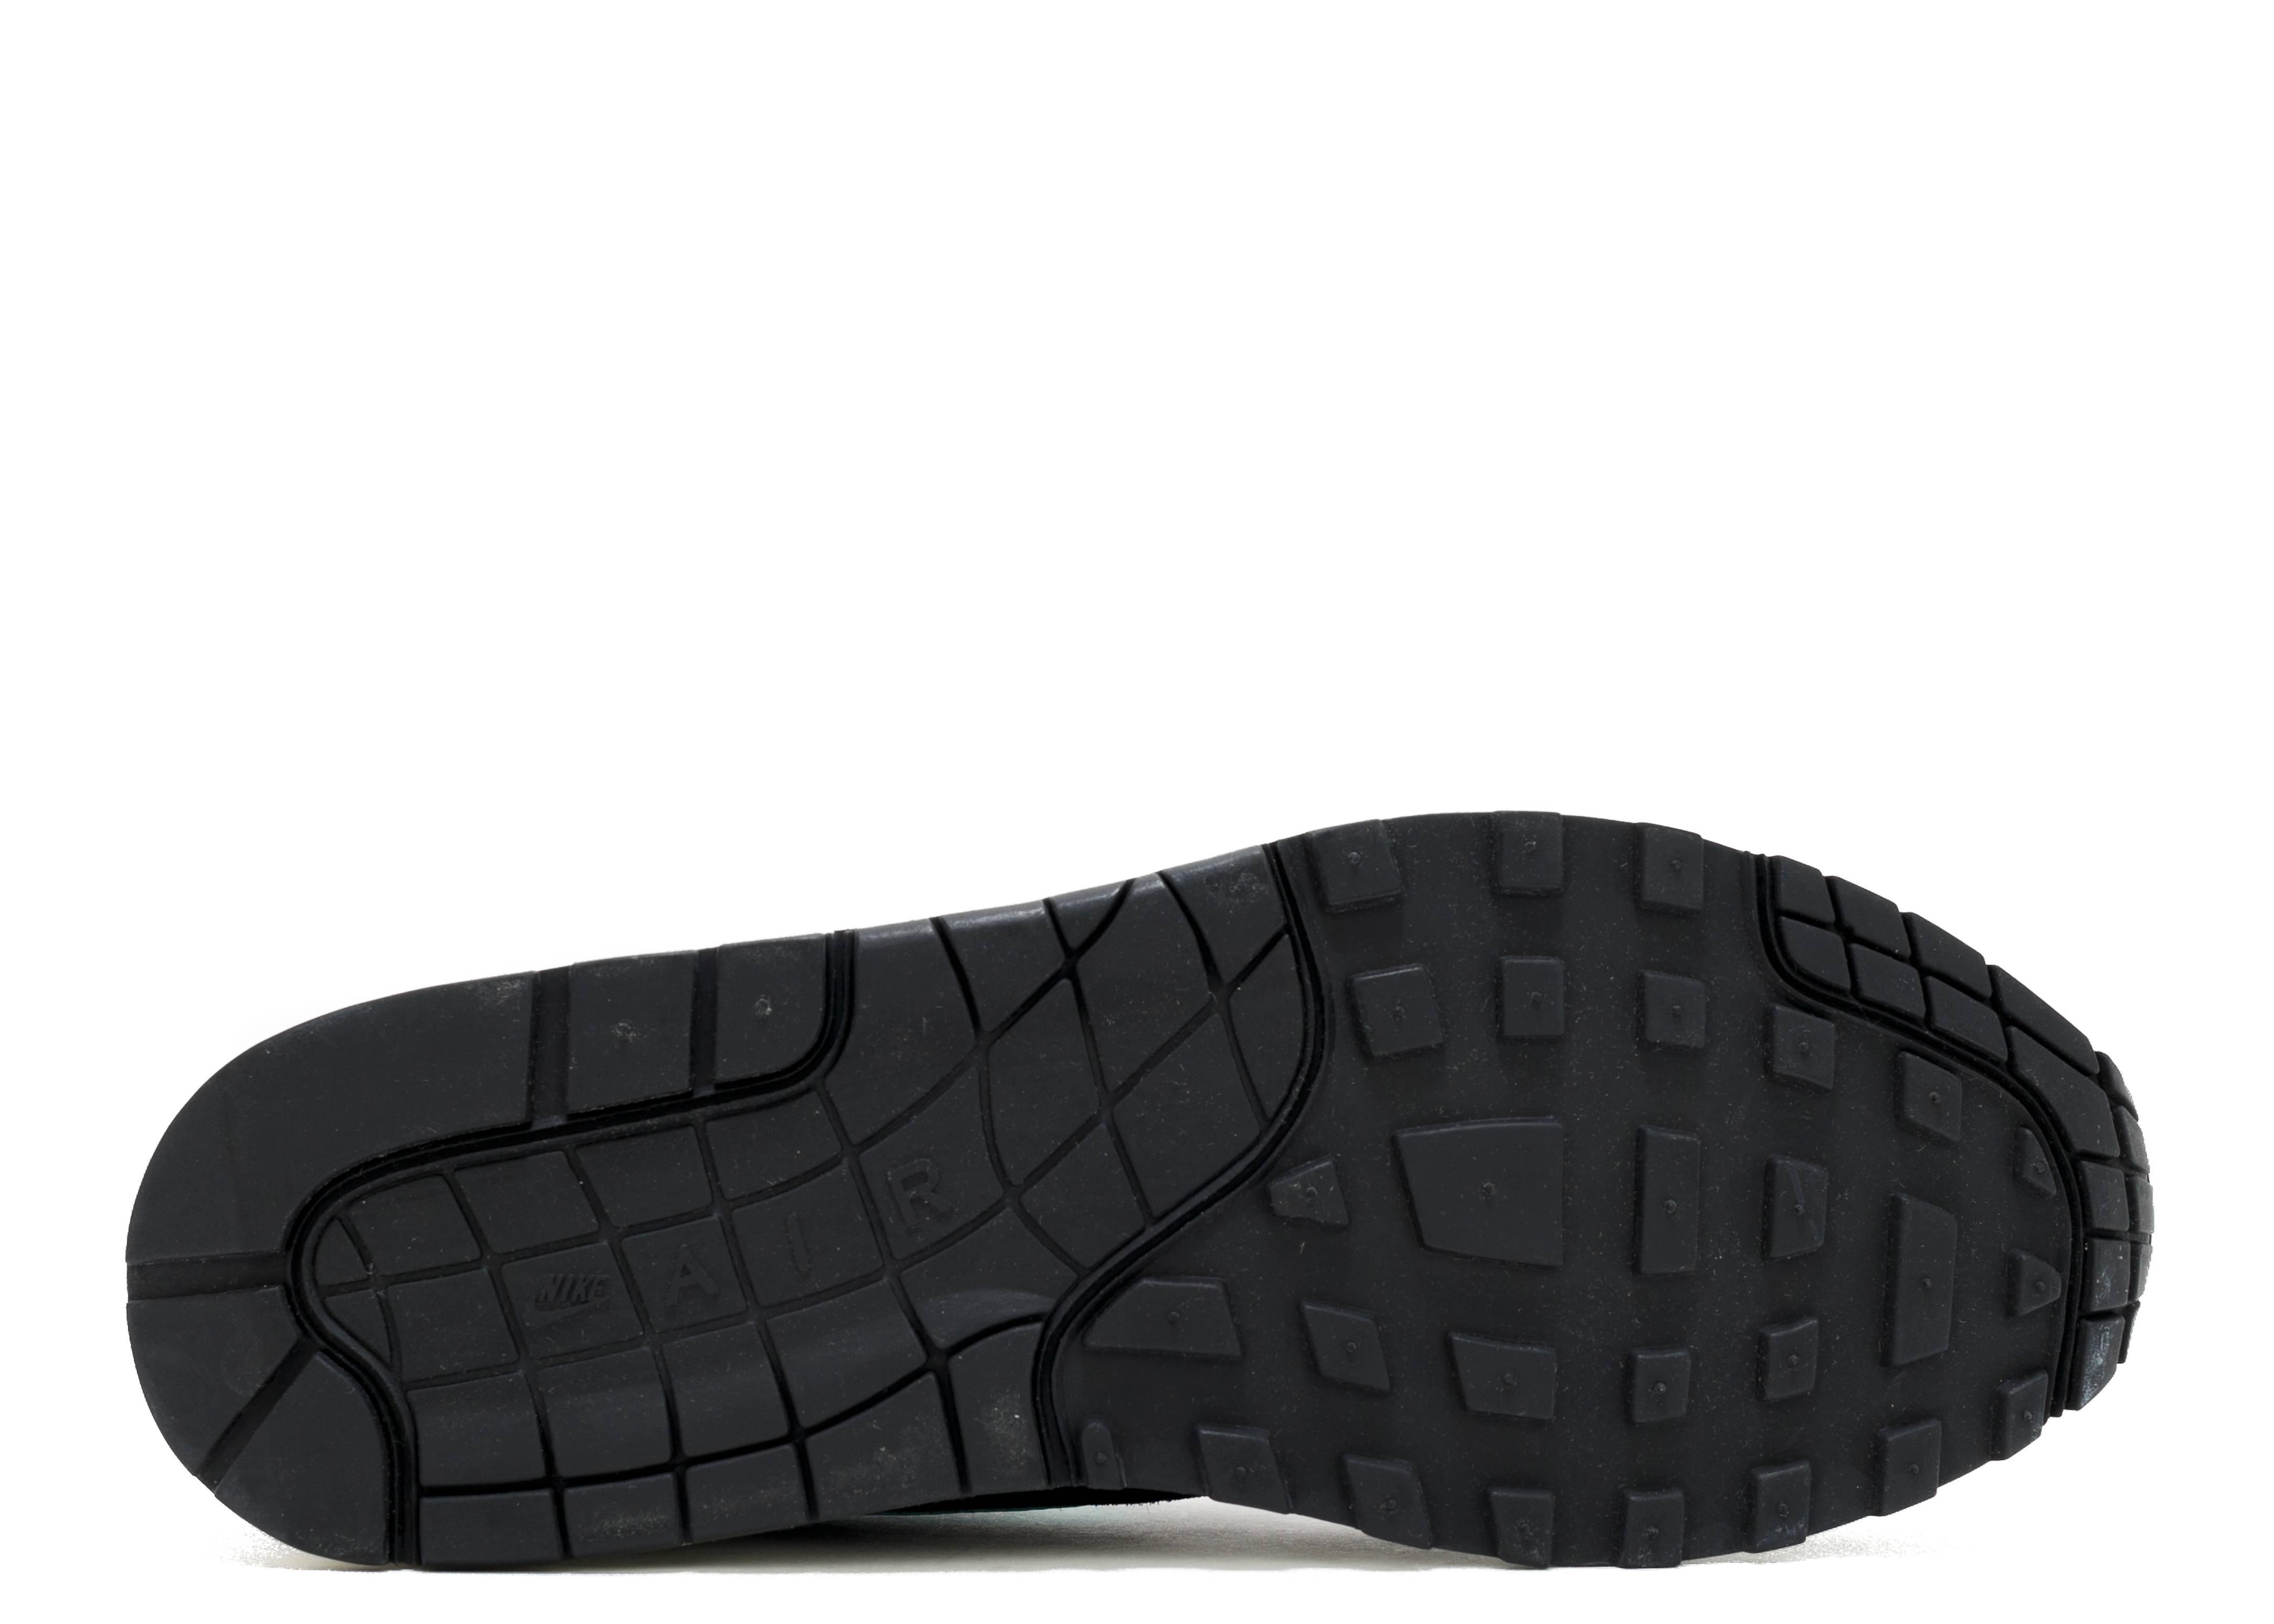 2017 Nike Air Max 1 Atmos Elephant Size 7.5 White Cemen